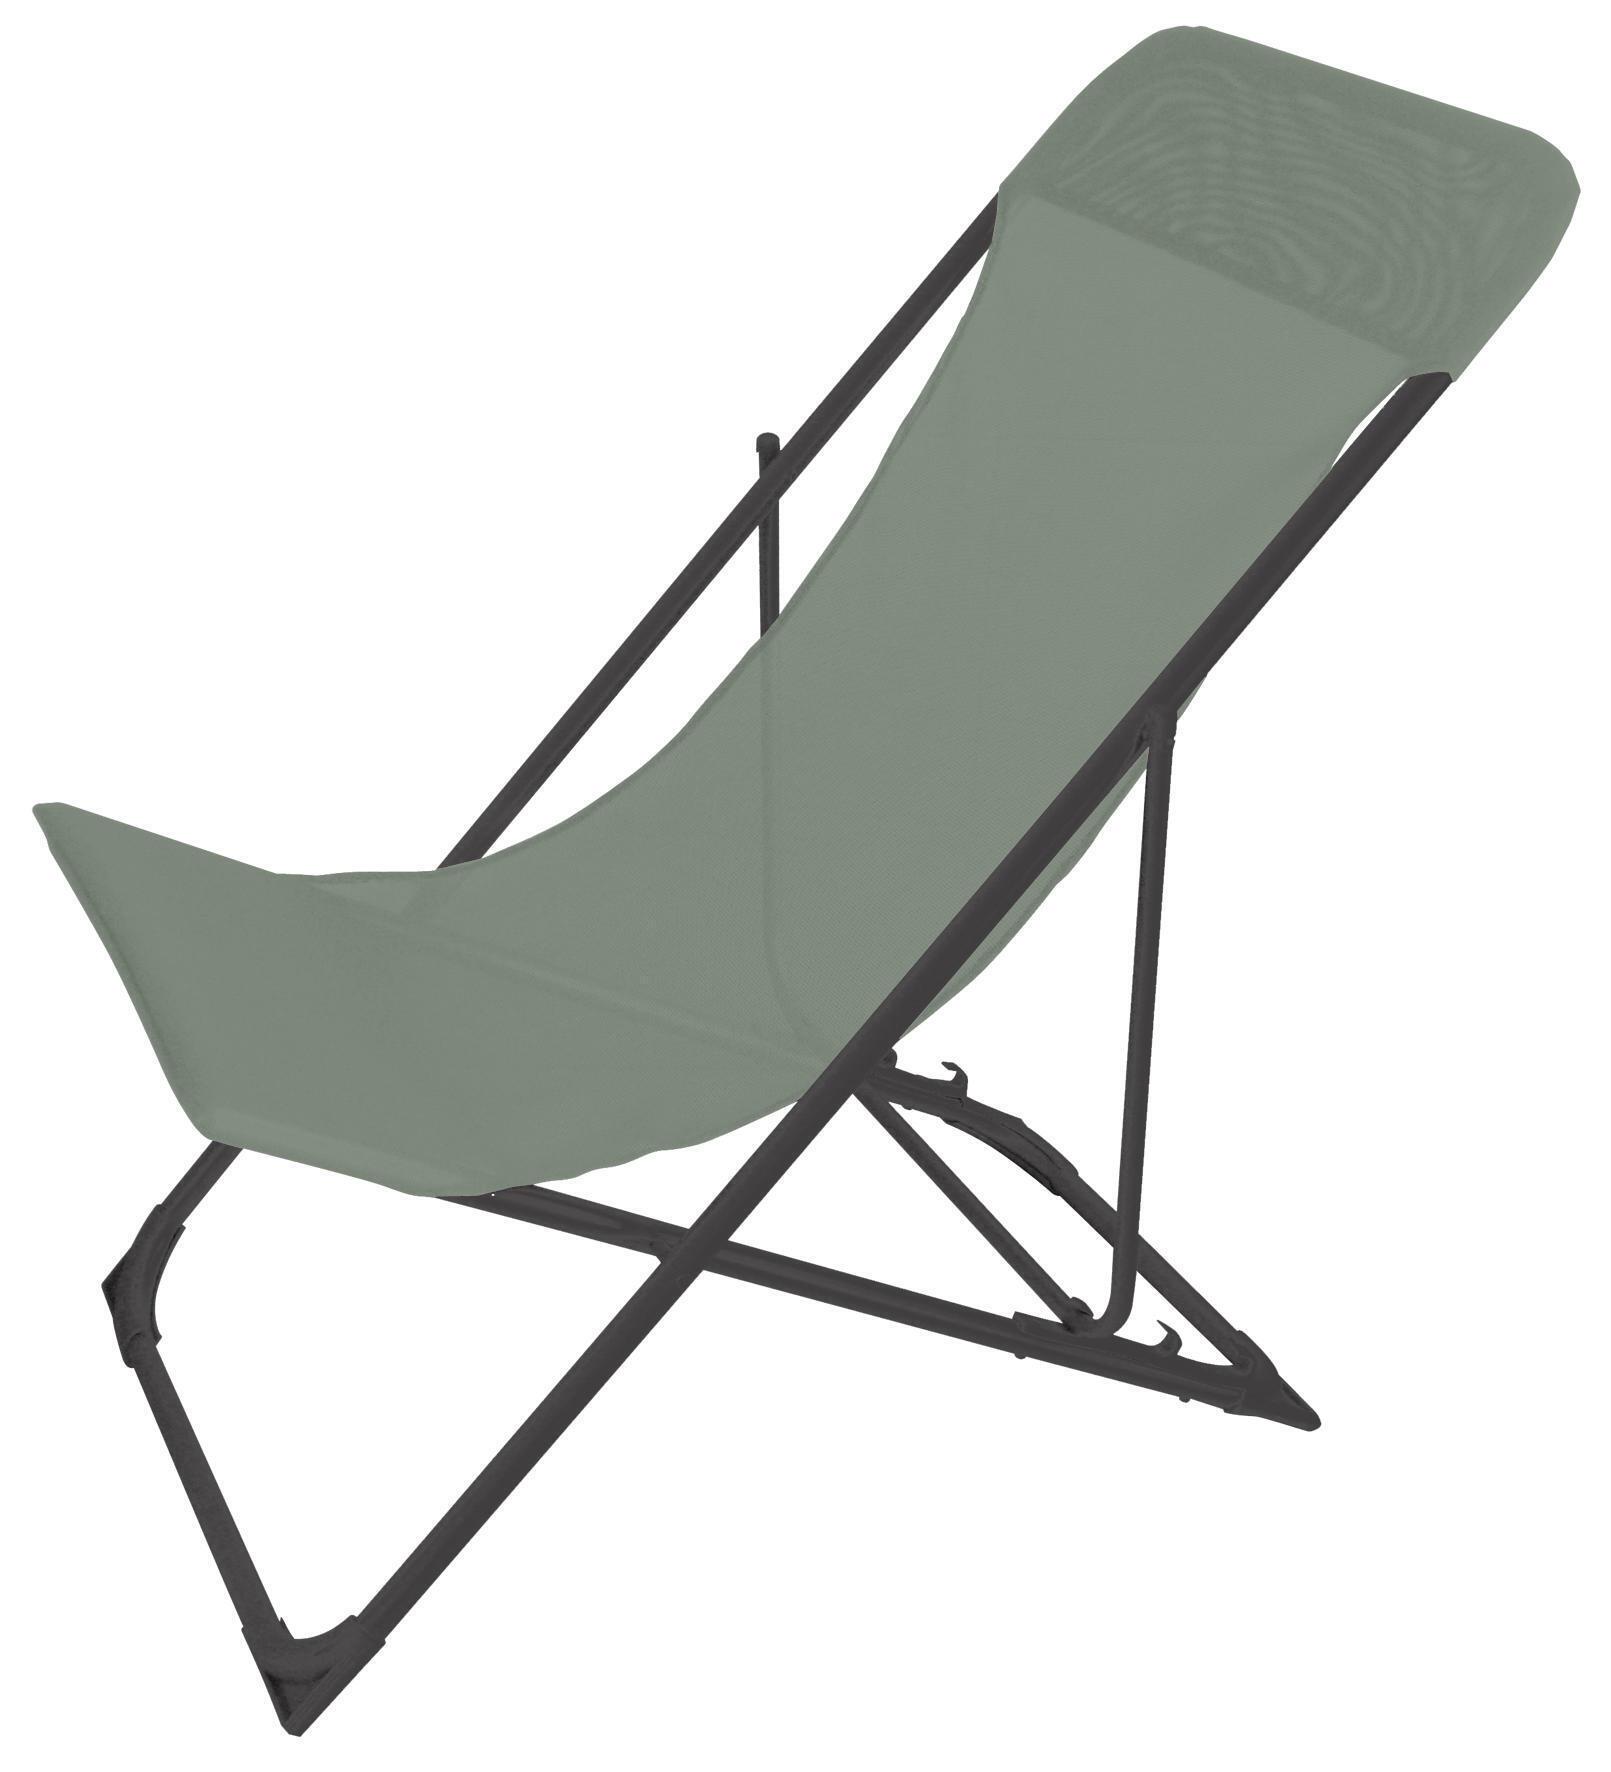 Sedia da giardino senza cuscino pieghevole in acciaio Biganos colore verde - 3